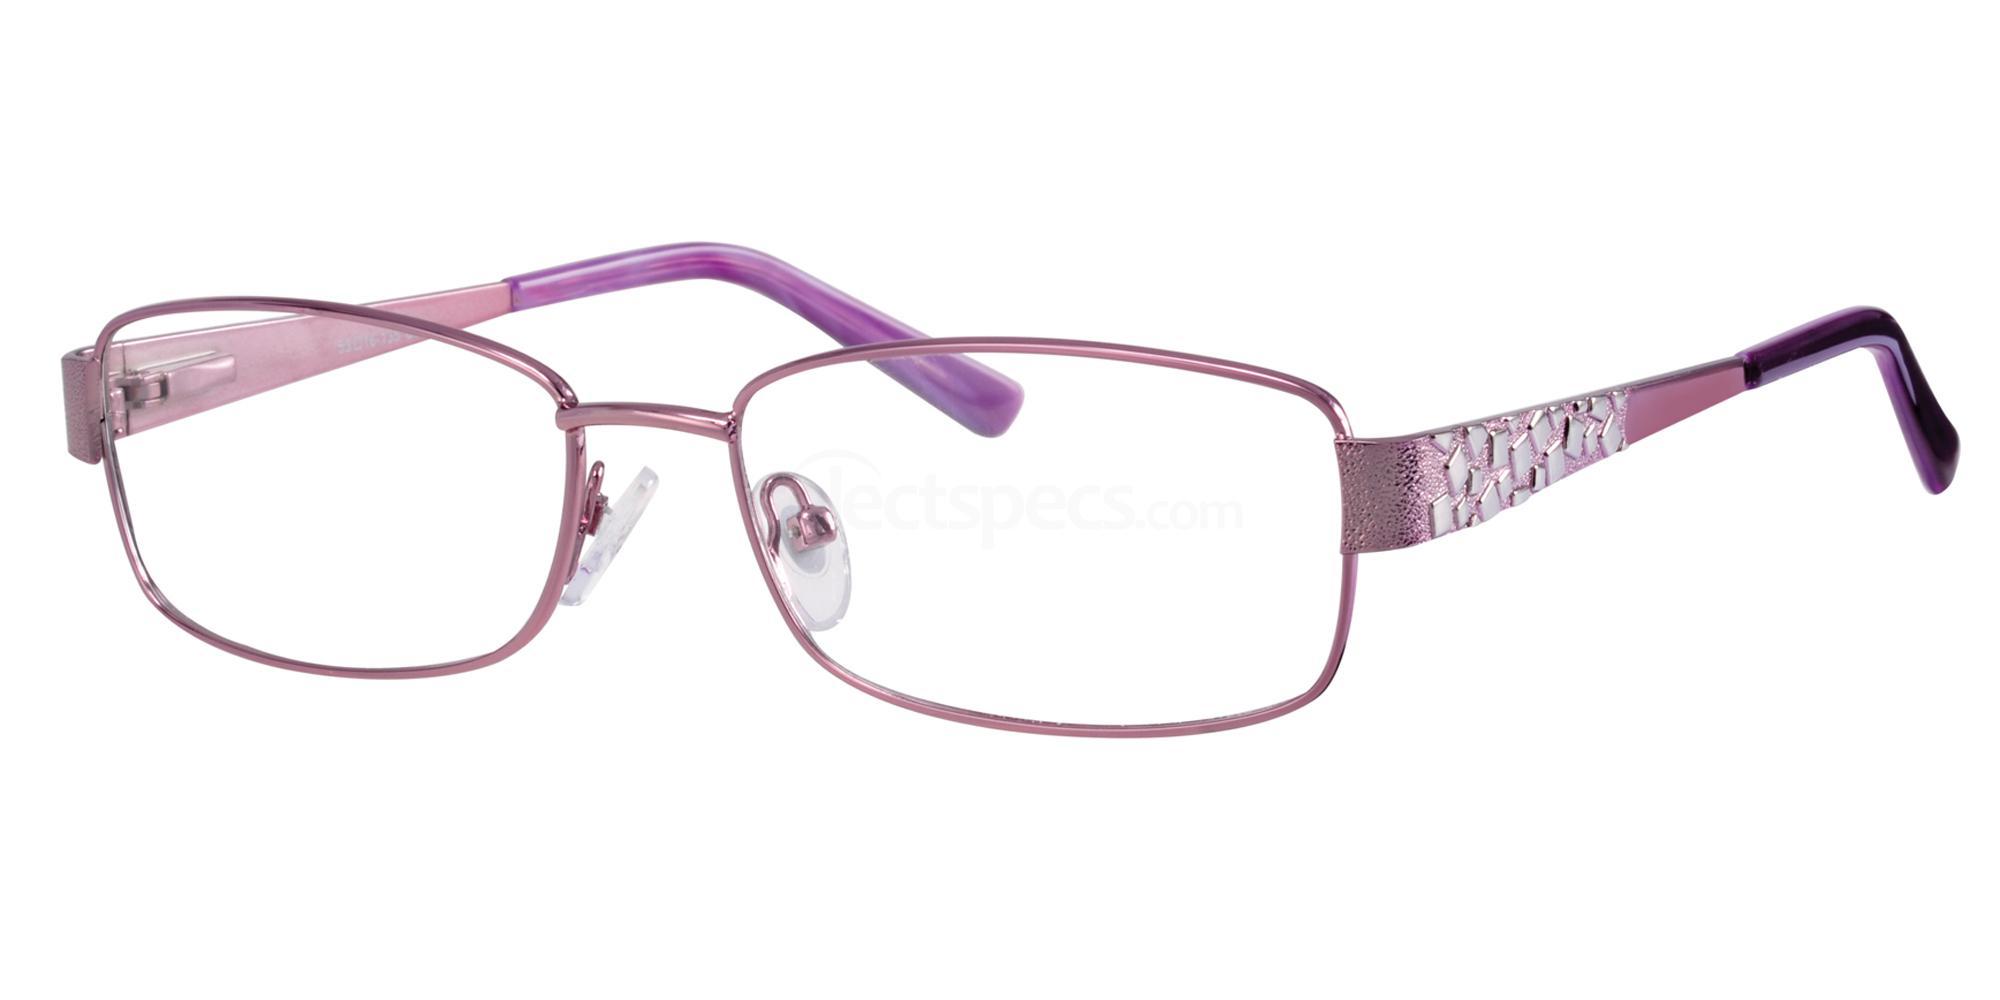 C50 437 Glasses, Visage Elite